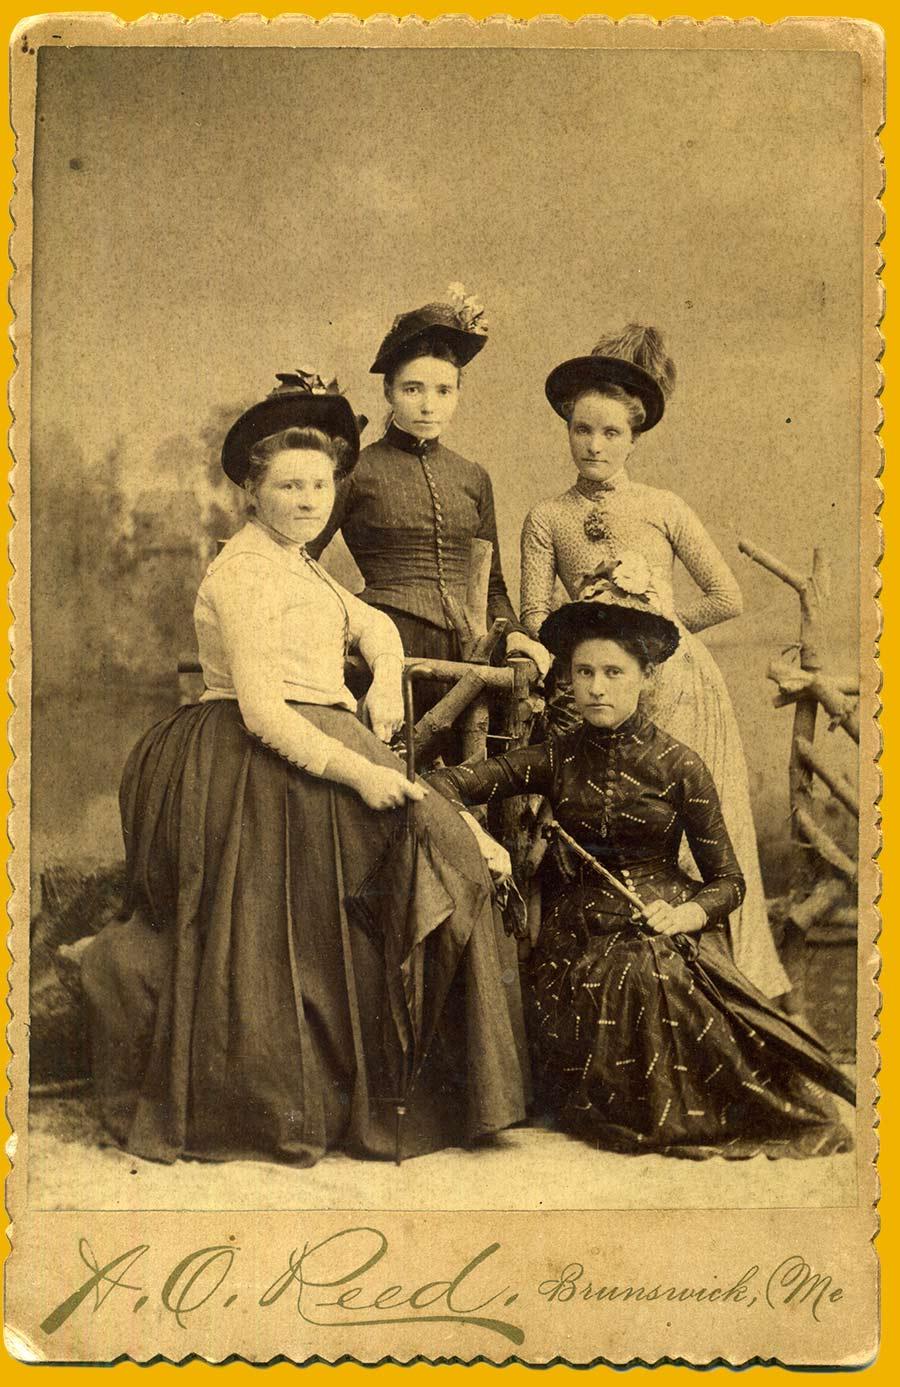 The original Dennison Girls